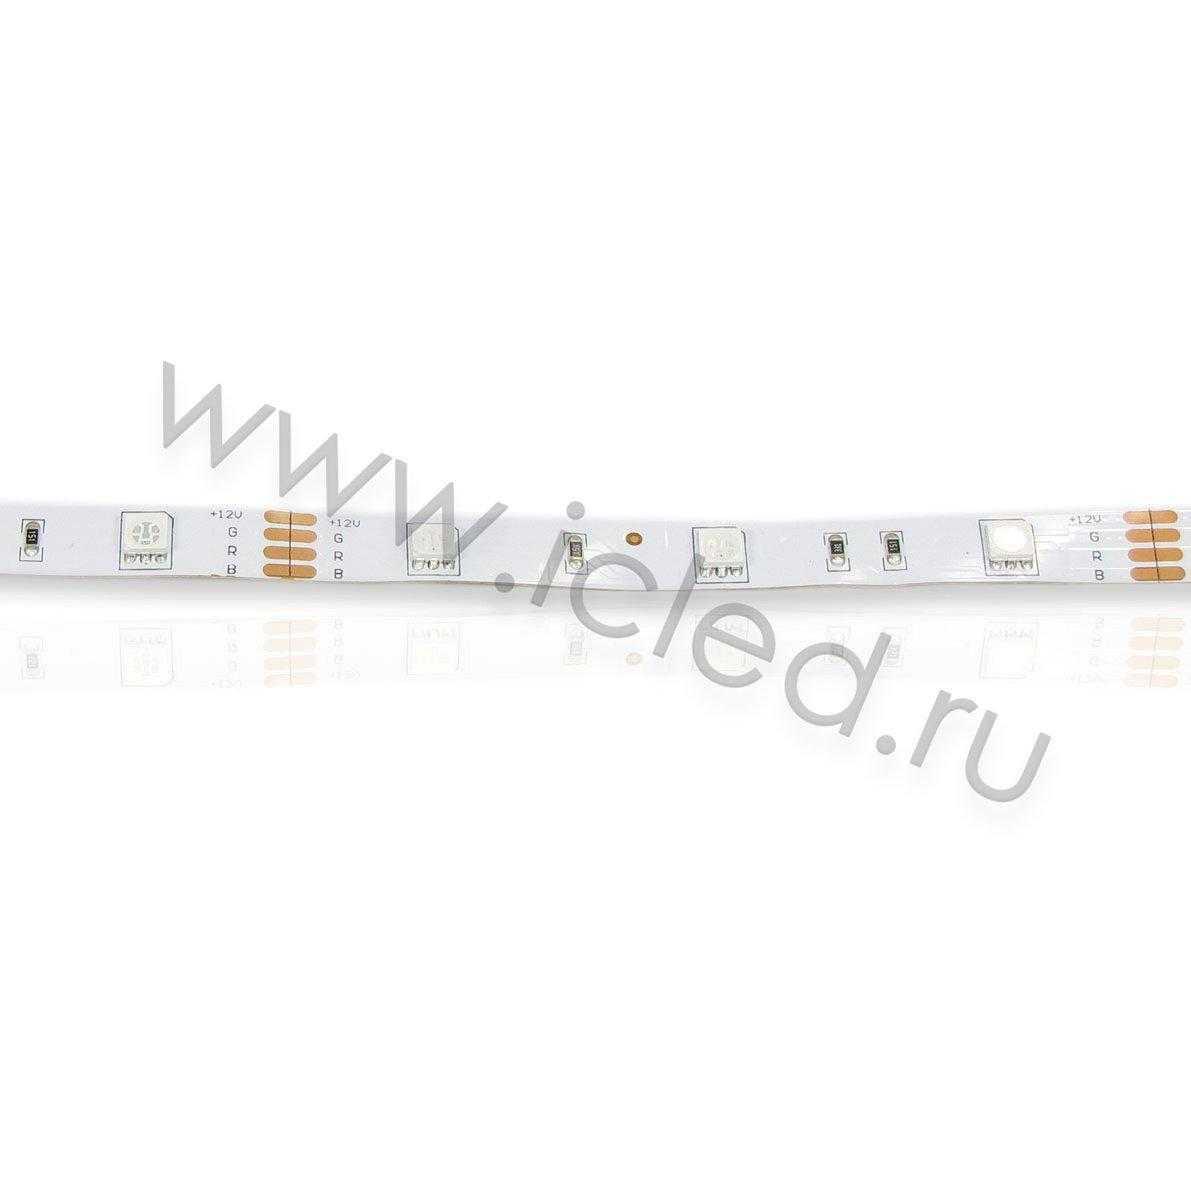 Светодиодная лента Class B, 5050, 30 led/m, RGB, 12V, IP33